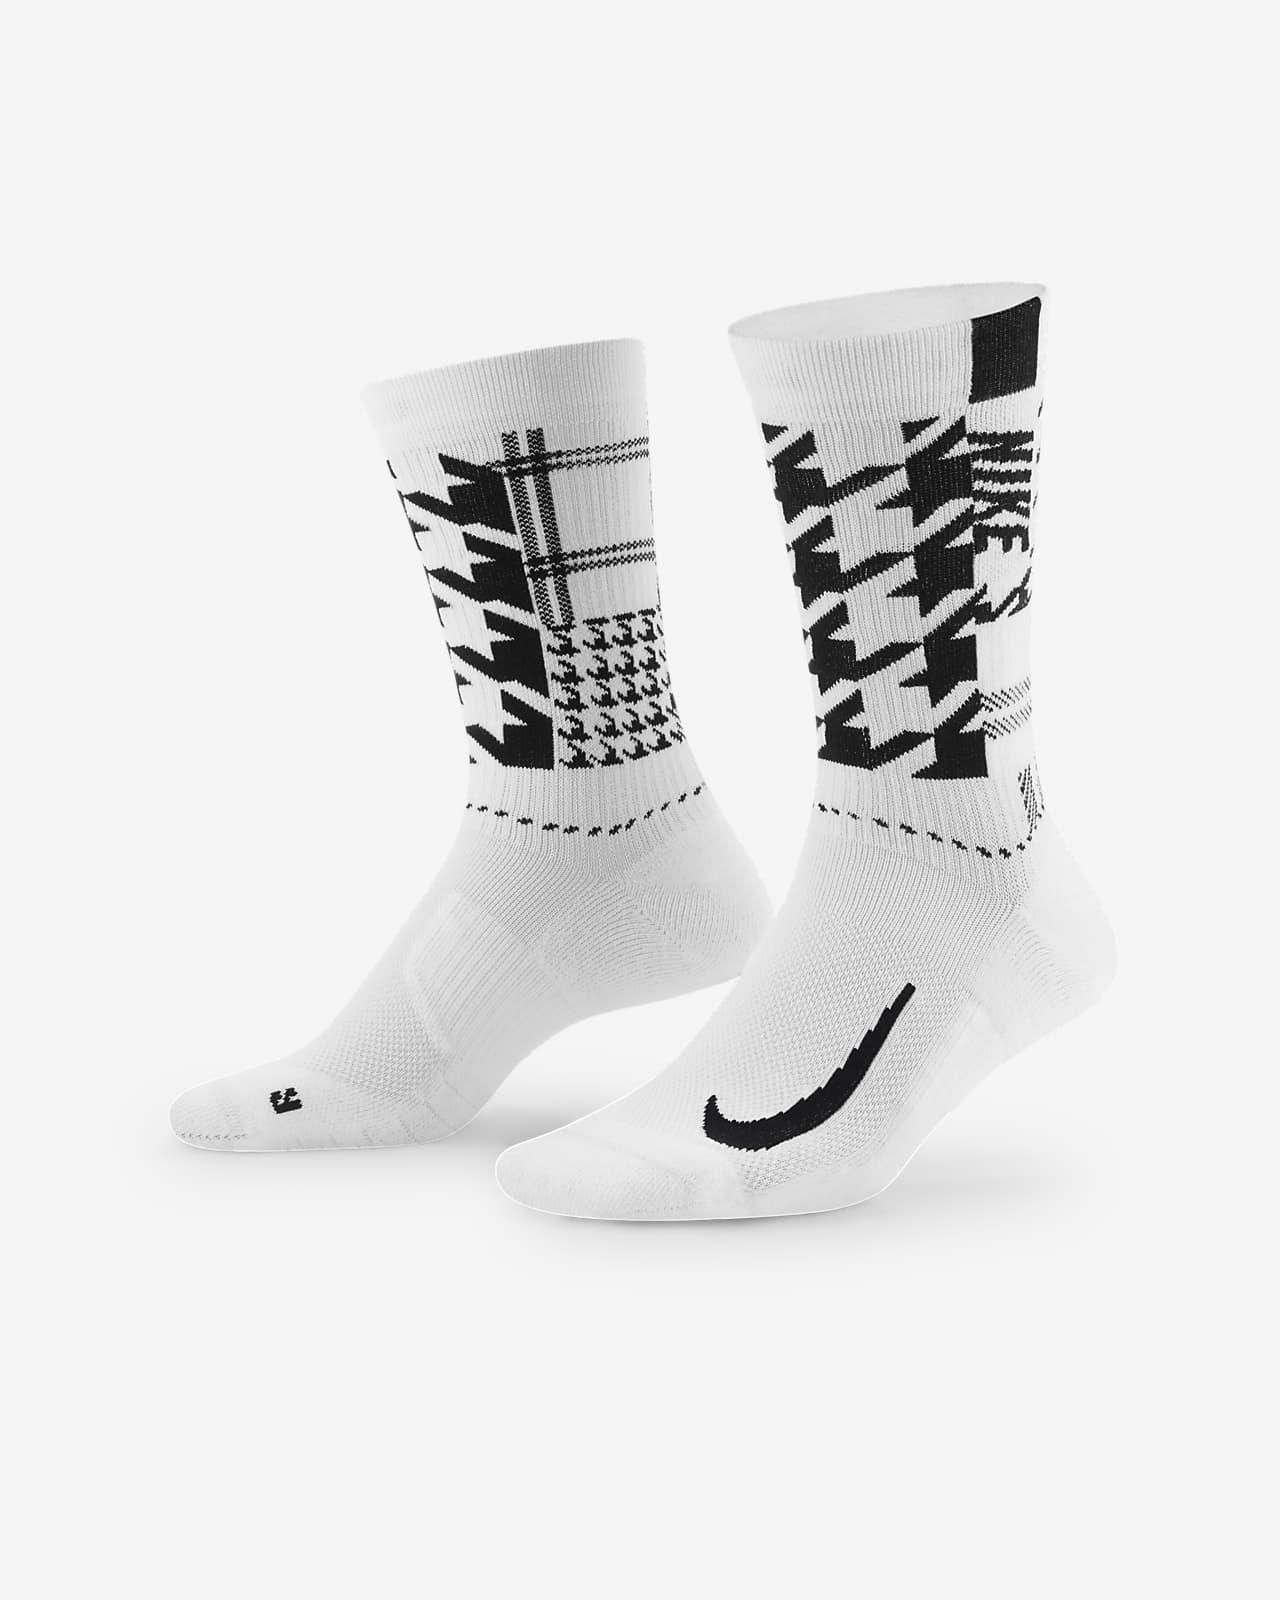 Nike Multiplier Golf Crew Socks